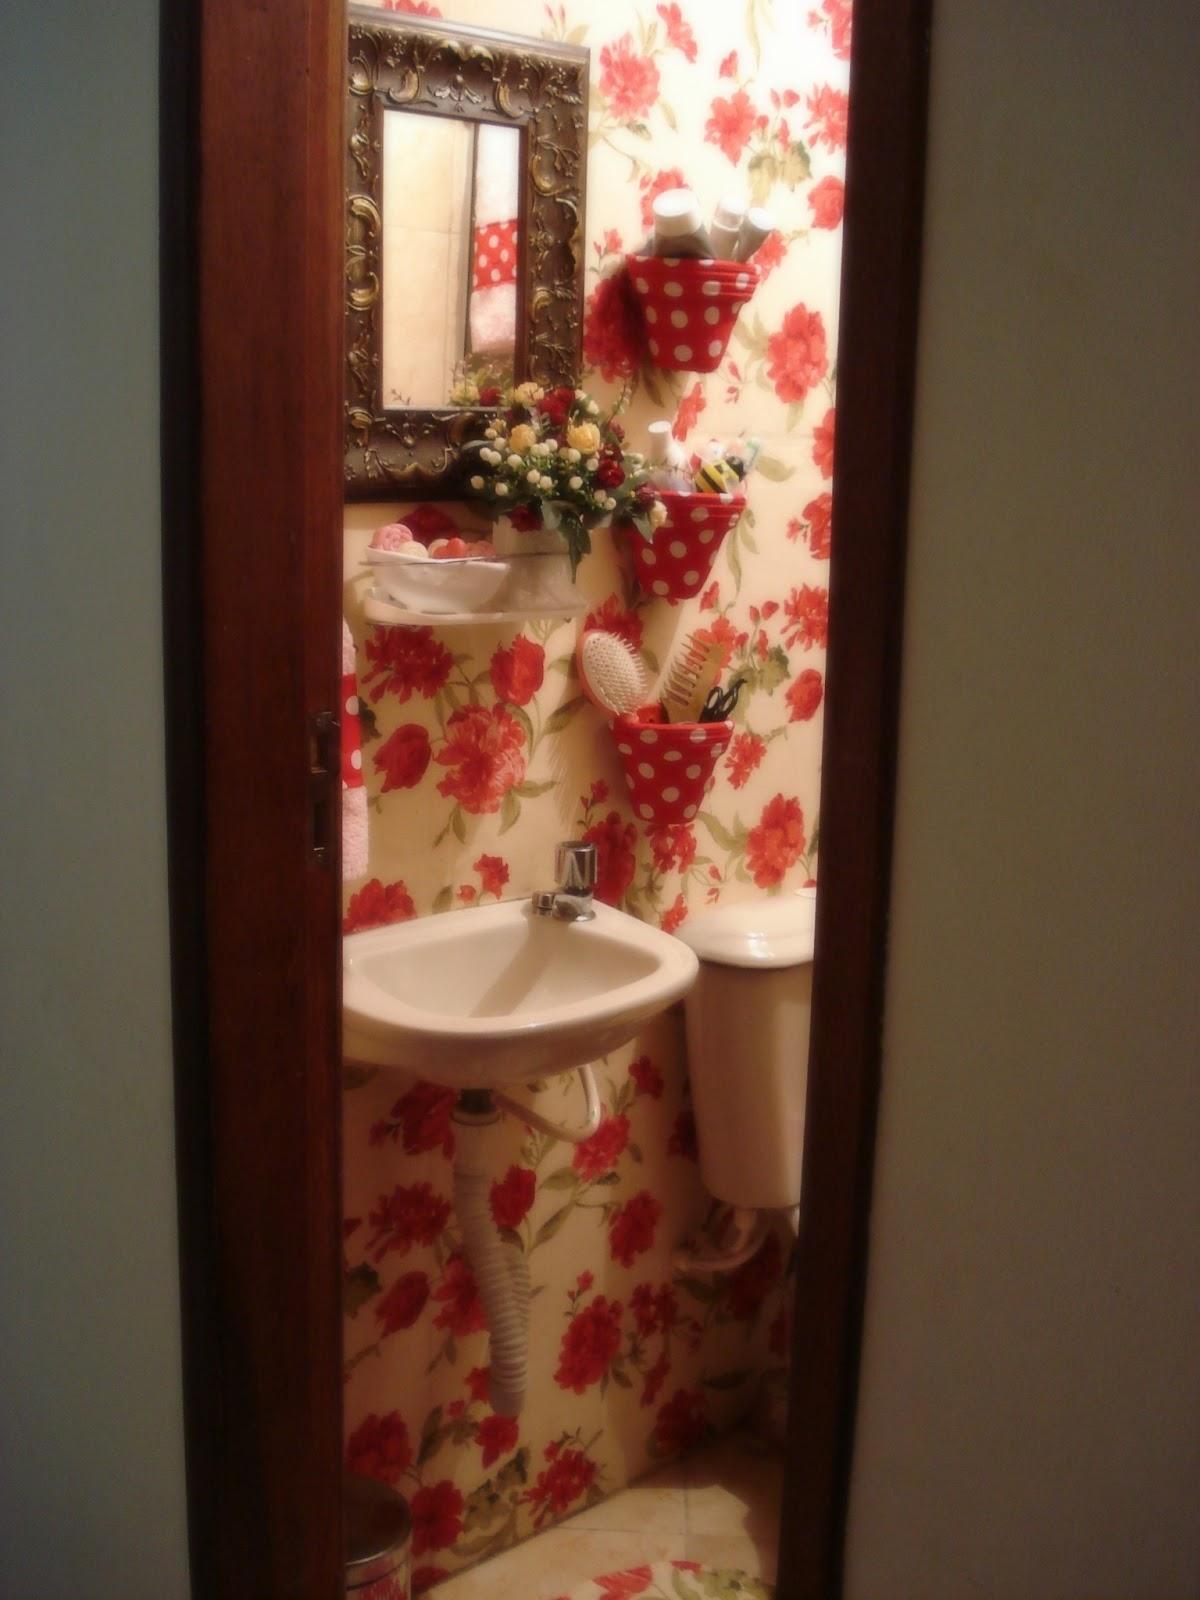 O Amor Ainda é Artesanal Banheiro Aconchegante -> Decoracao De Banheiro Com Tecido Na Parede